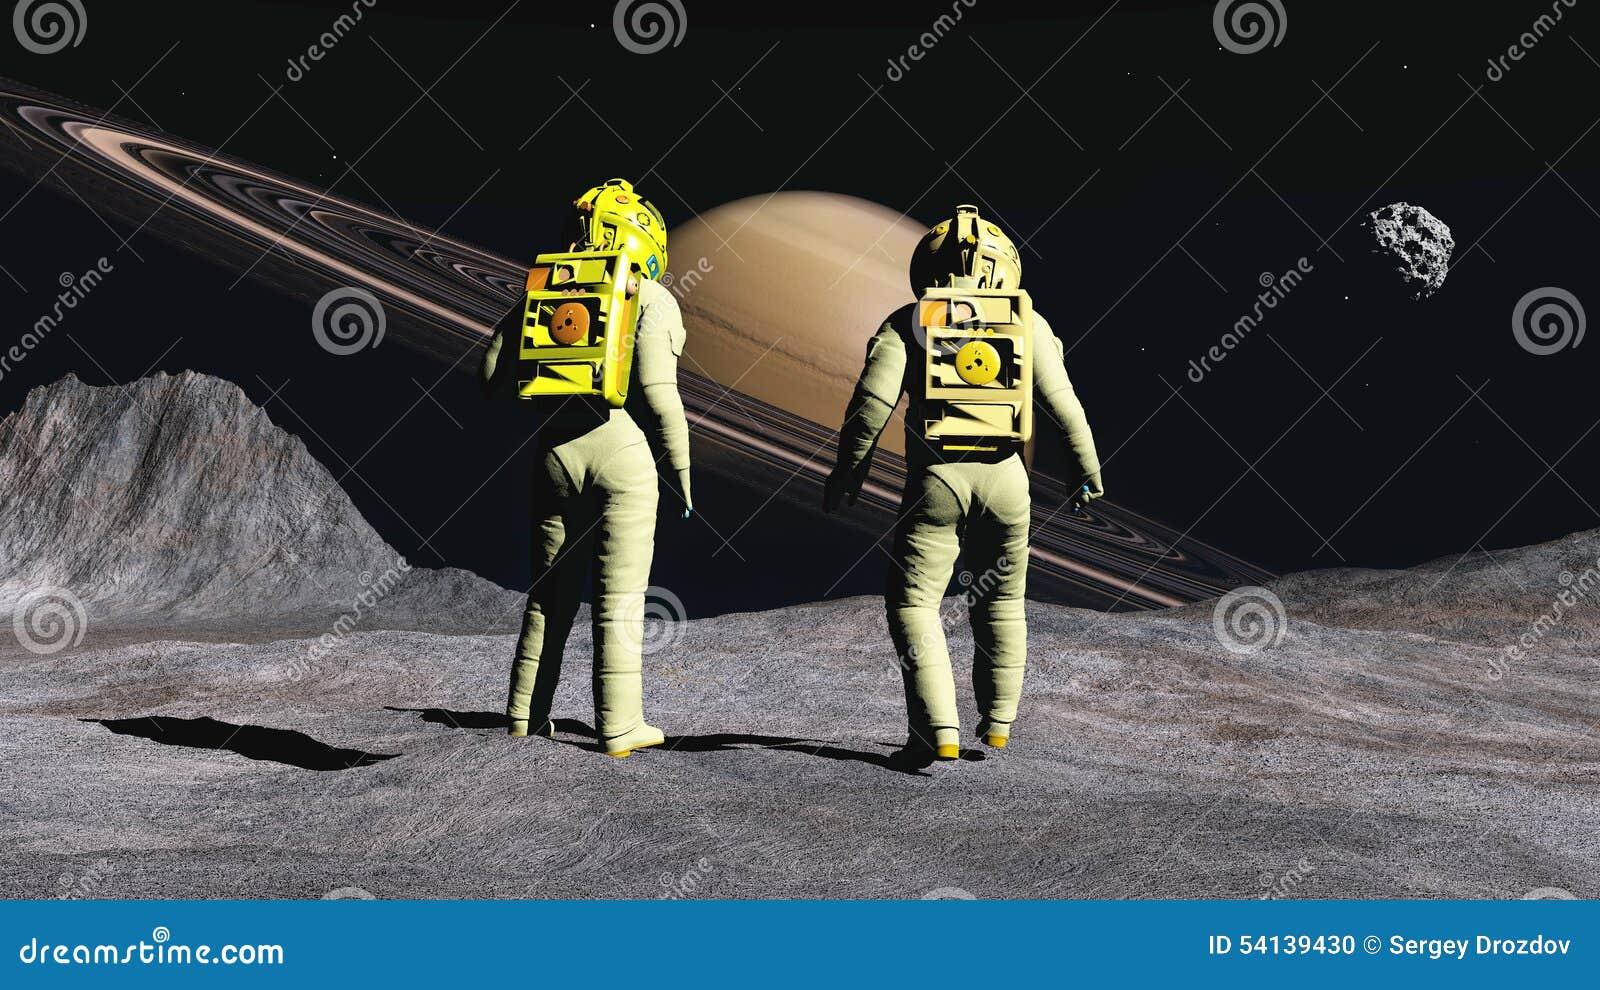 astronauts on saturn - photo #1